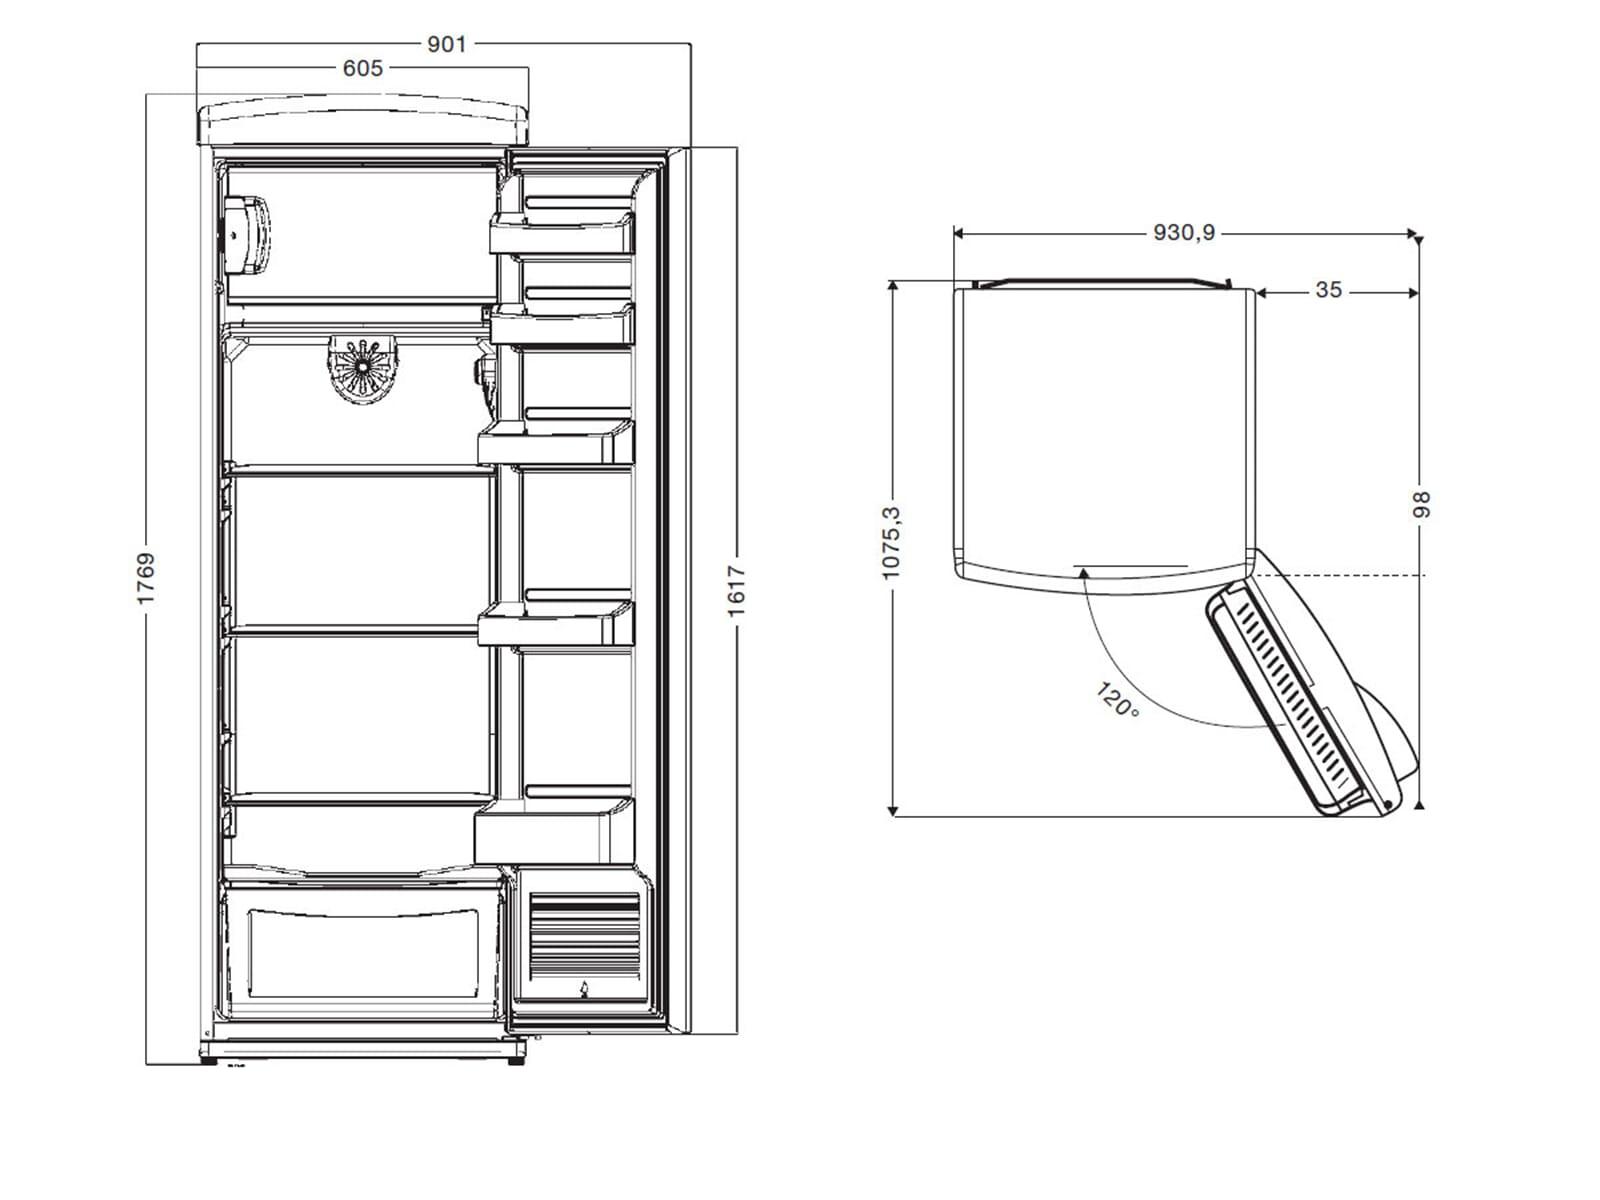 oranier rks 1 standger t k hlschrank lindgr n eisfach retro freistehend k hler. Black Bedroom Furniture Sets. Home Design Ideas